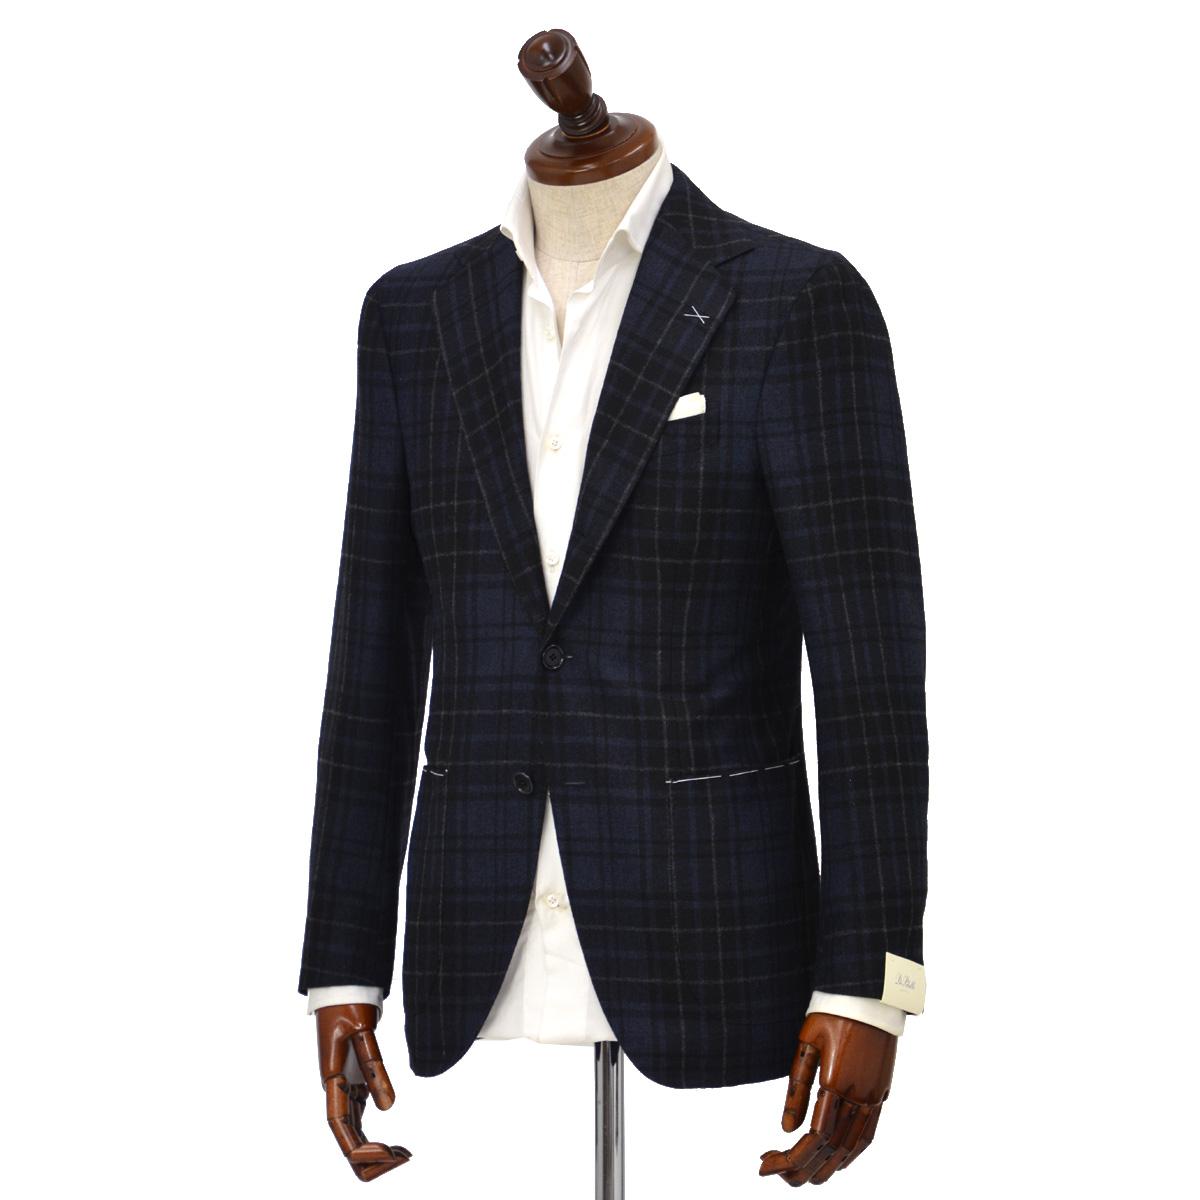 De Petrillo【デ ペトリロ】シングルジャケット Posillipo TW19209F/483 ウール チェック ネイビー×グレー